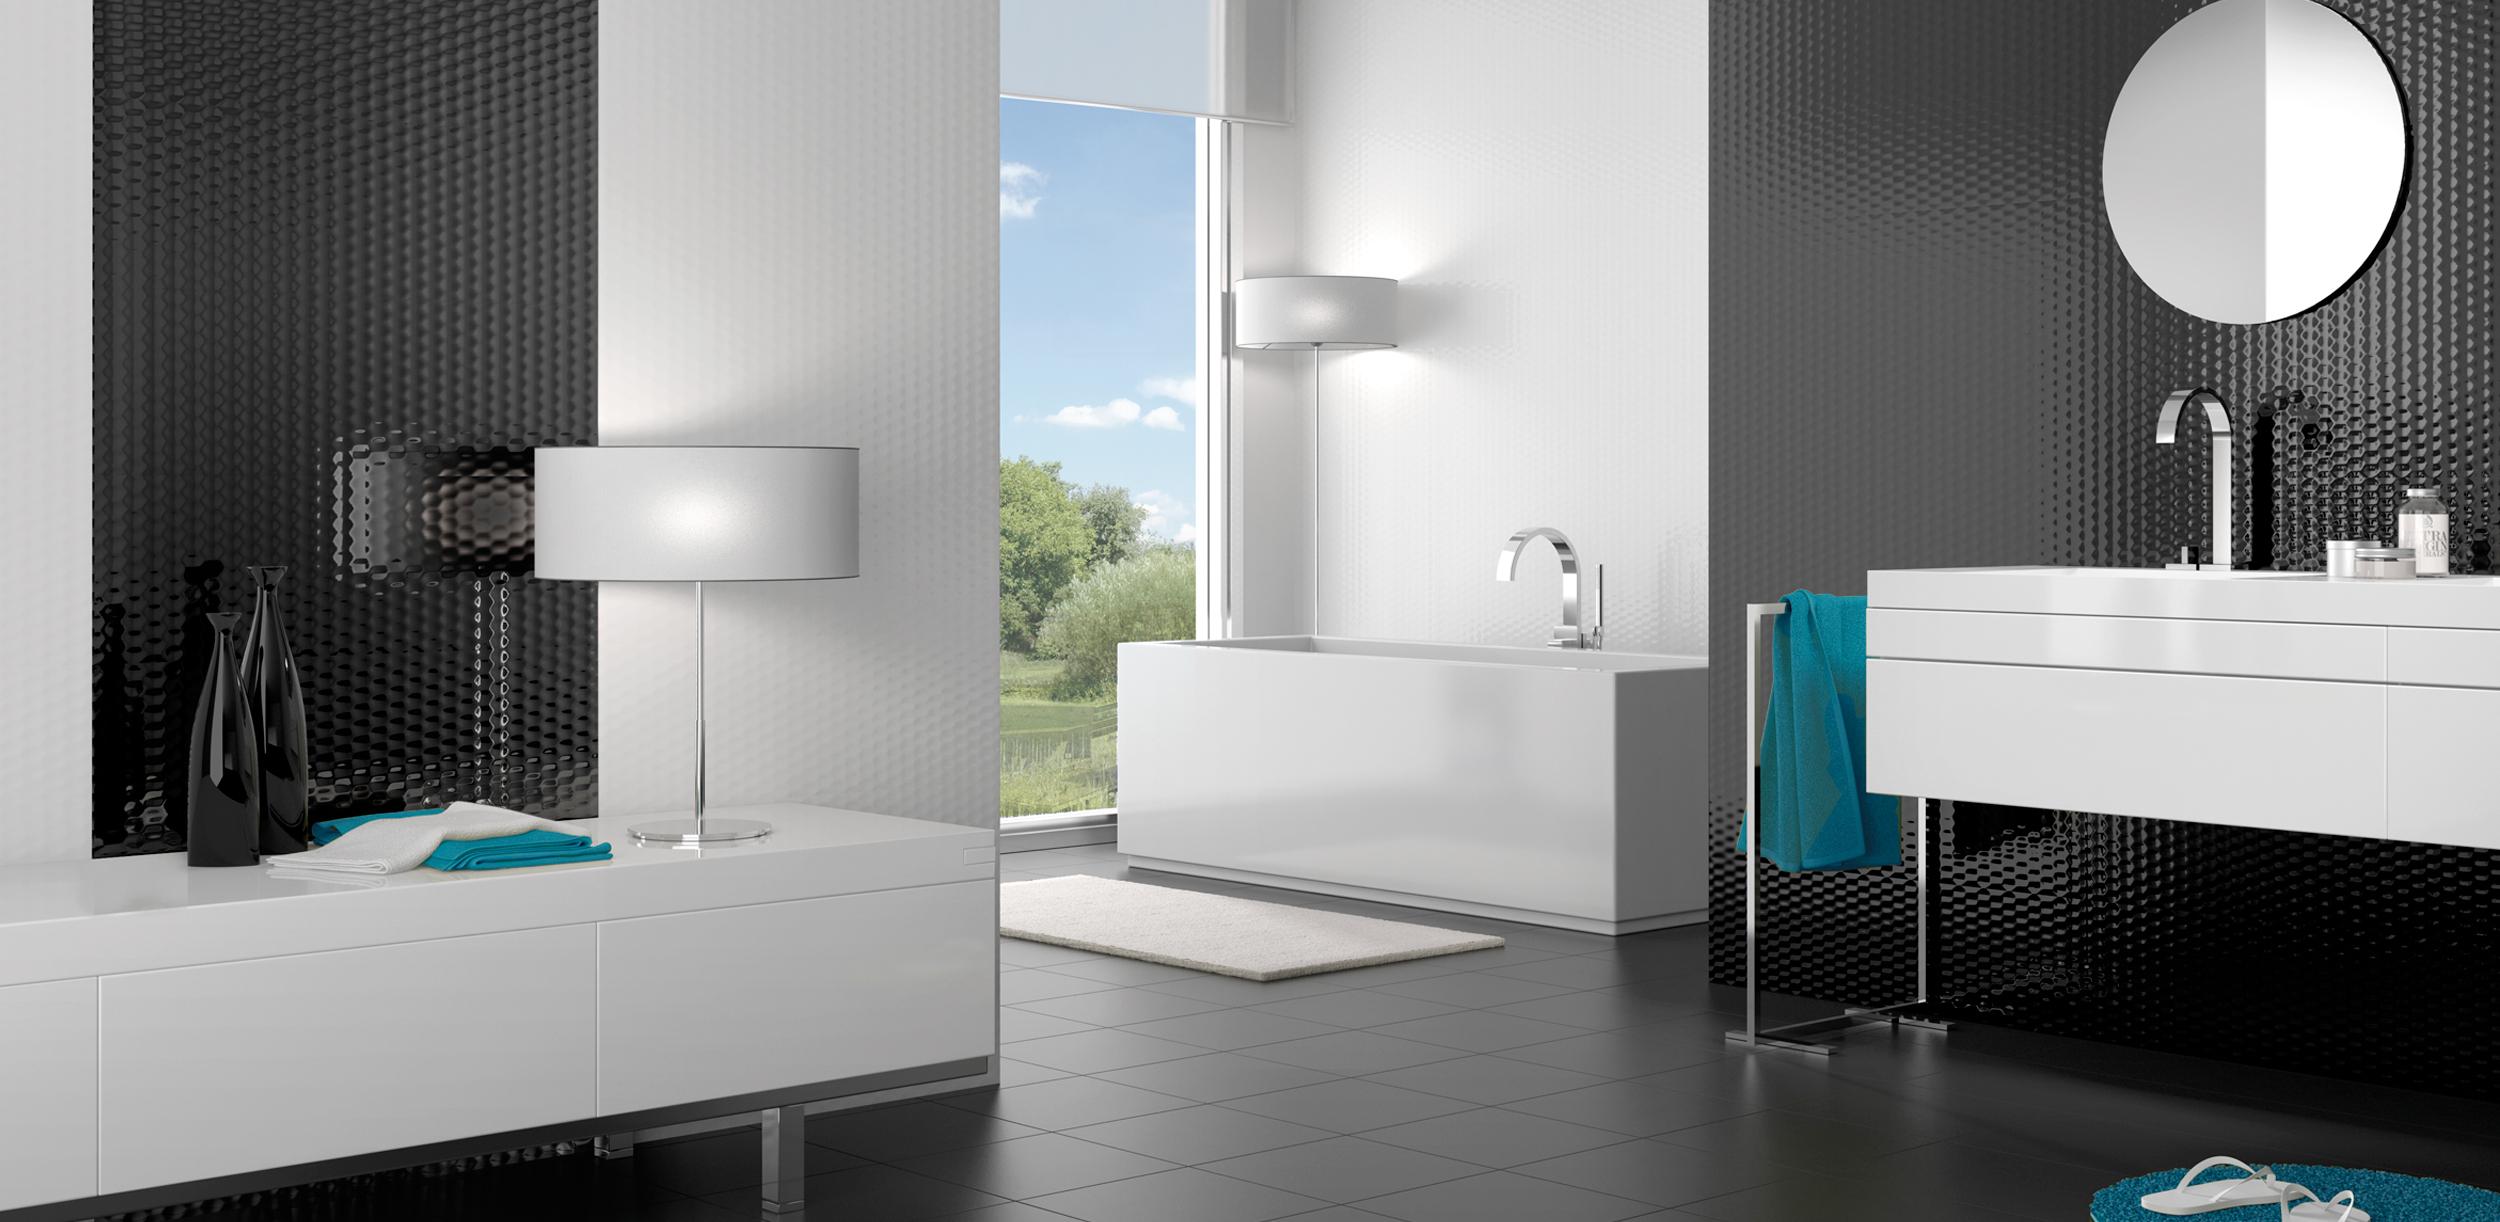 Azulejos y cocinas fuentes saneamientos azulejos ba os for Azulejos cadiz